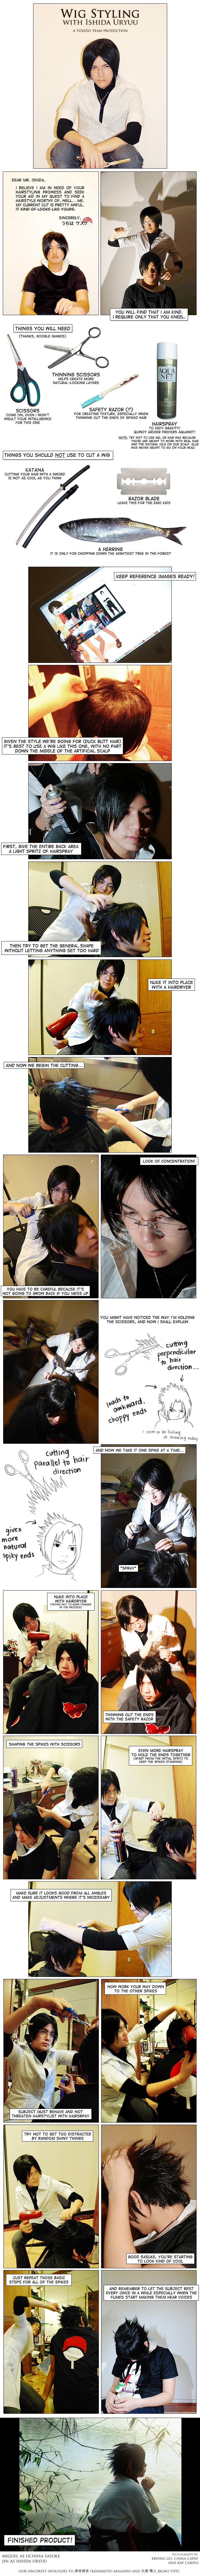 Wig Styling with Ishida Uryuu by behindinfinity